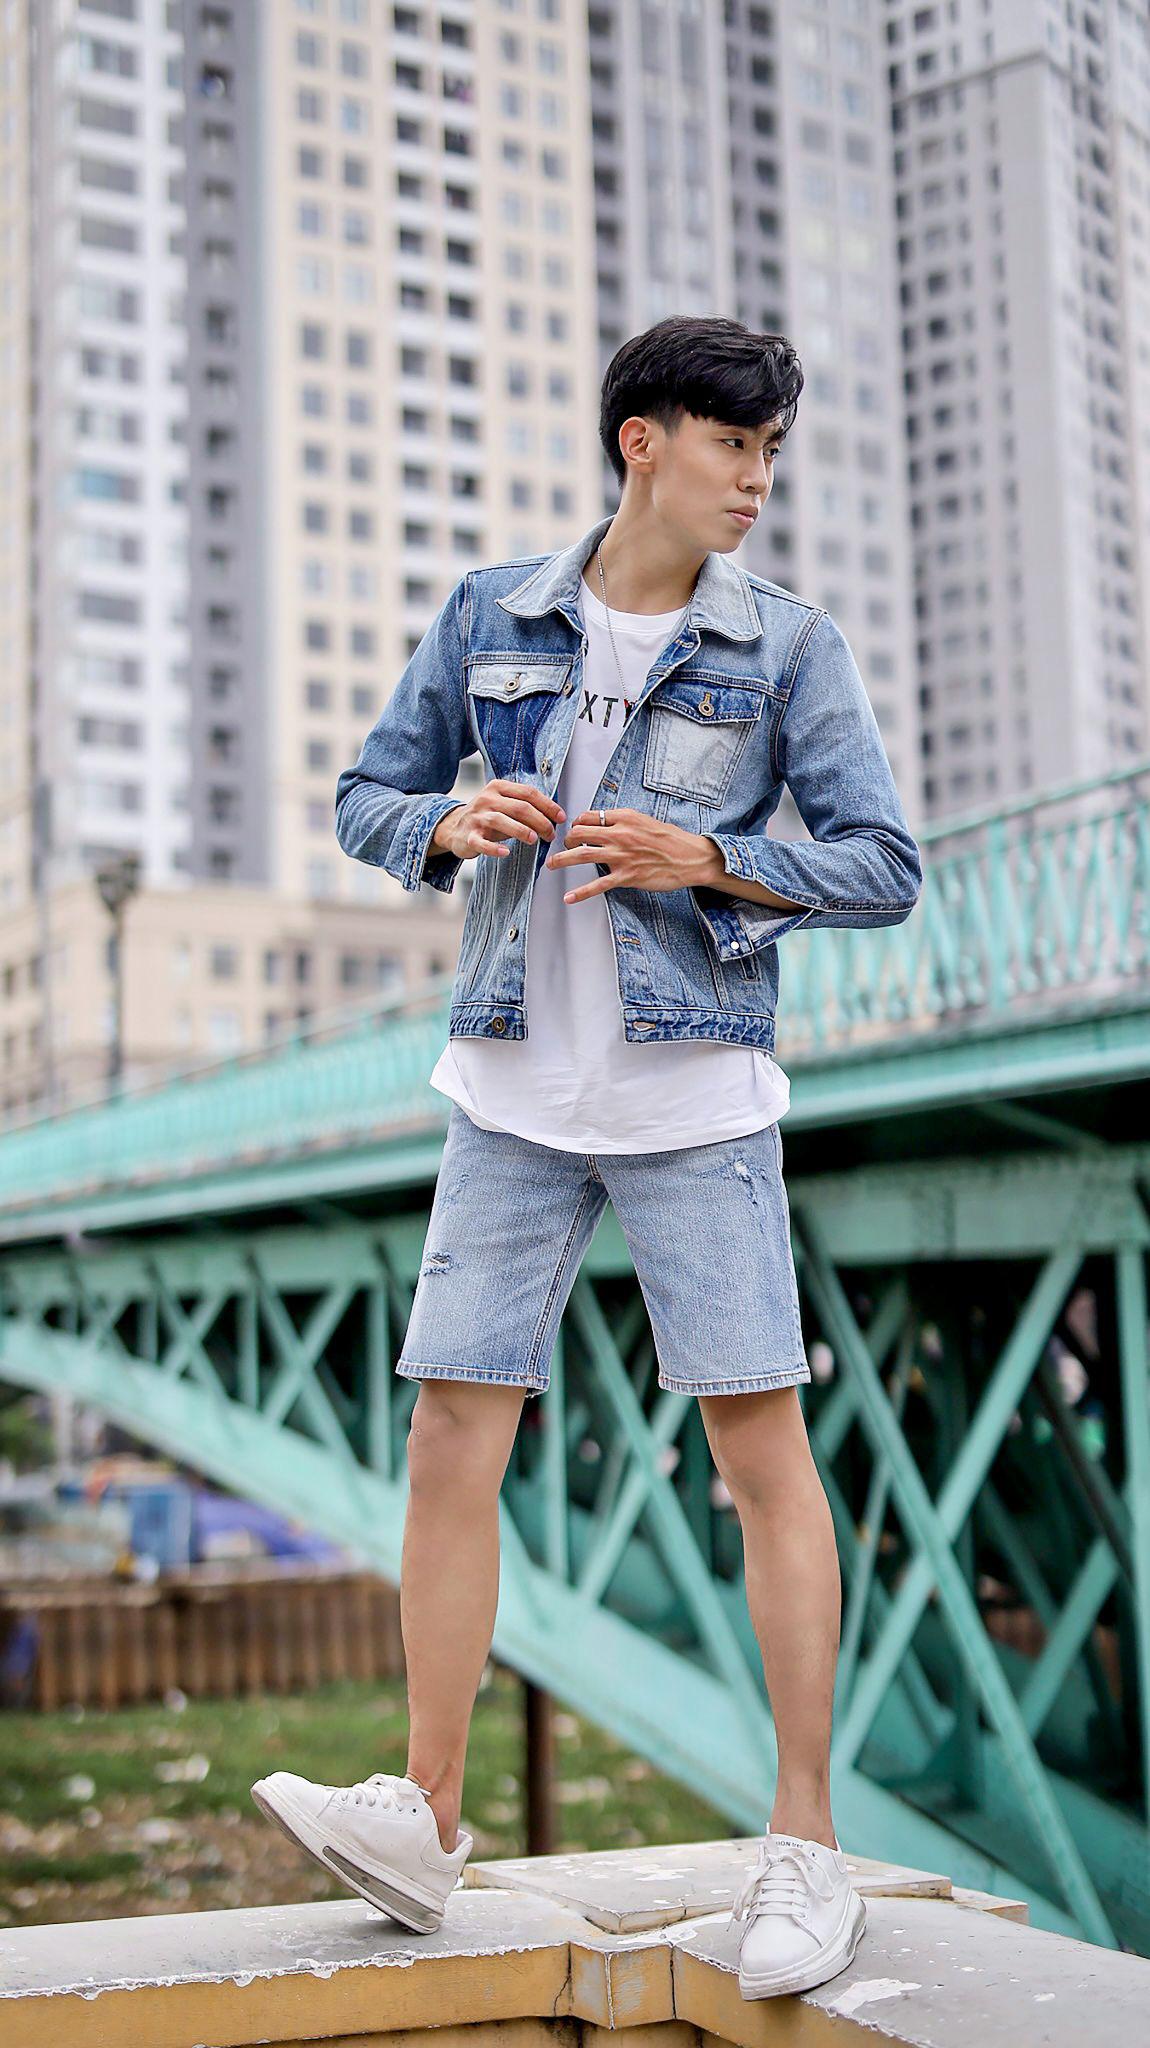 5 công thức diện jeans ton sur ton mà các cặp đôi không thể bỏ qua - Ảnh 9.